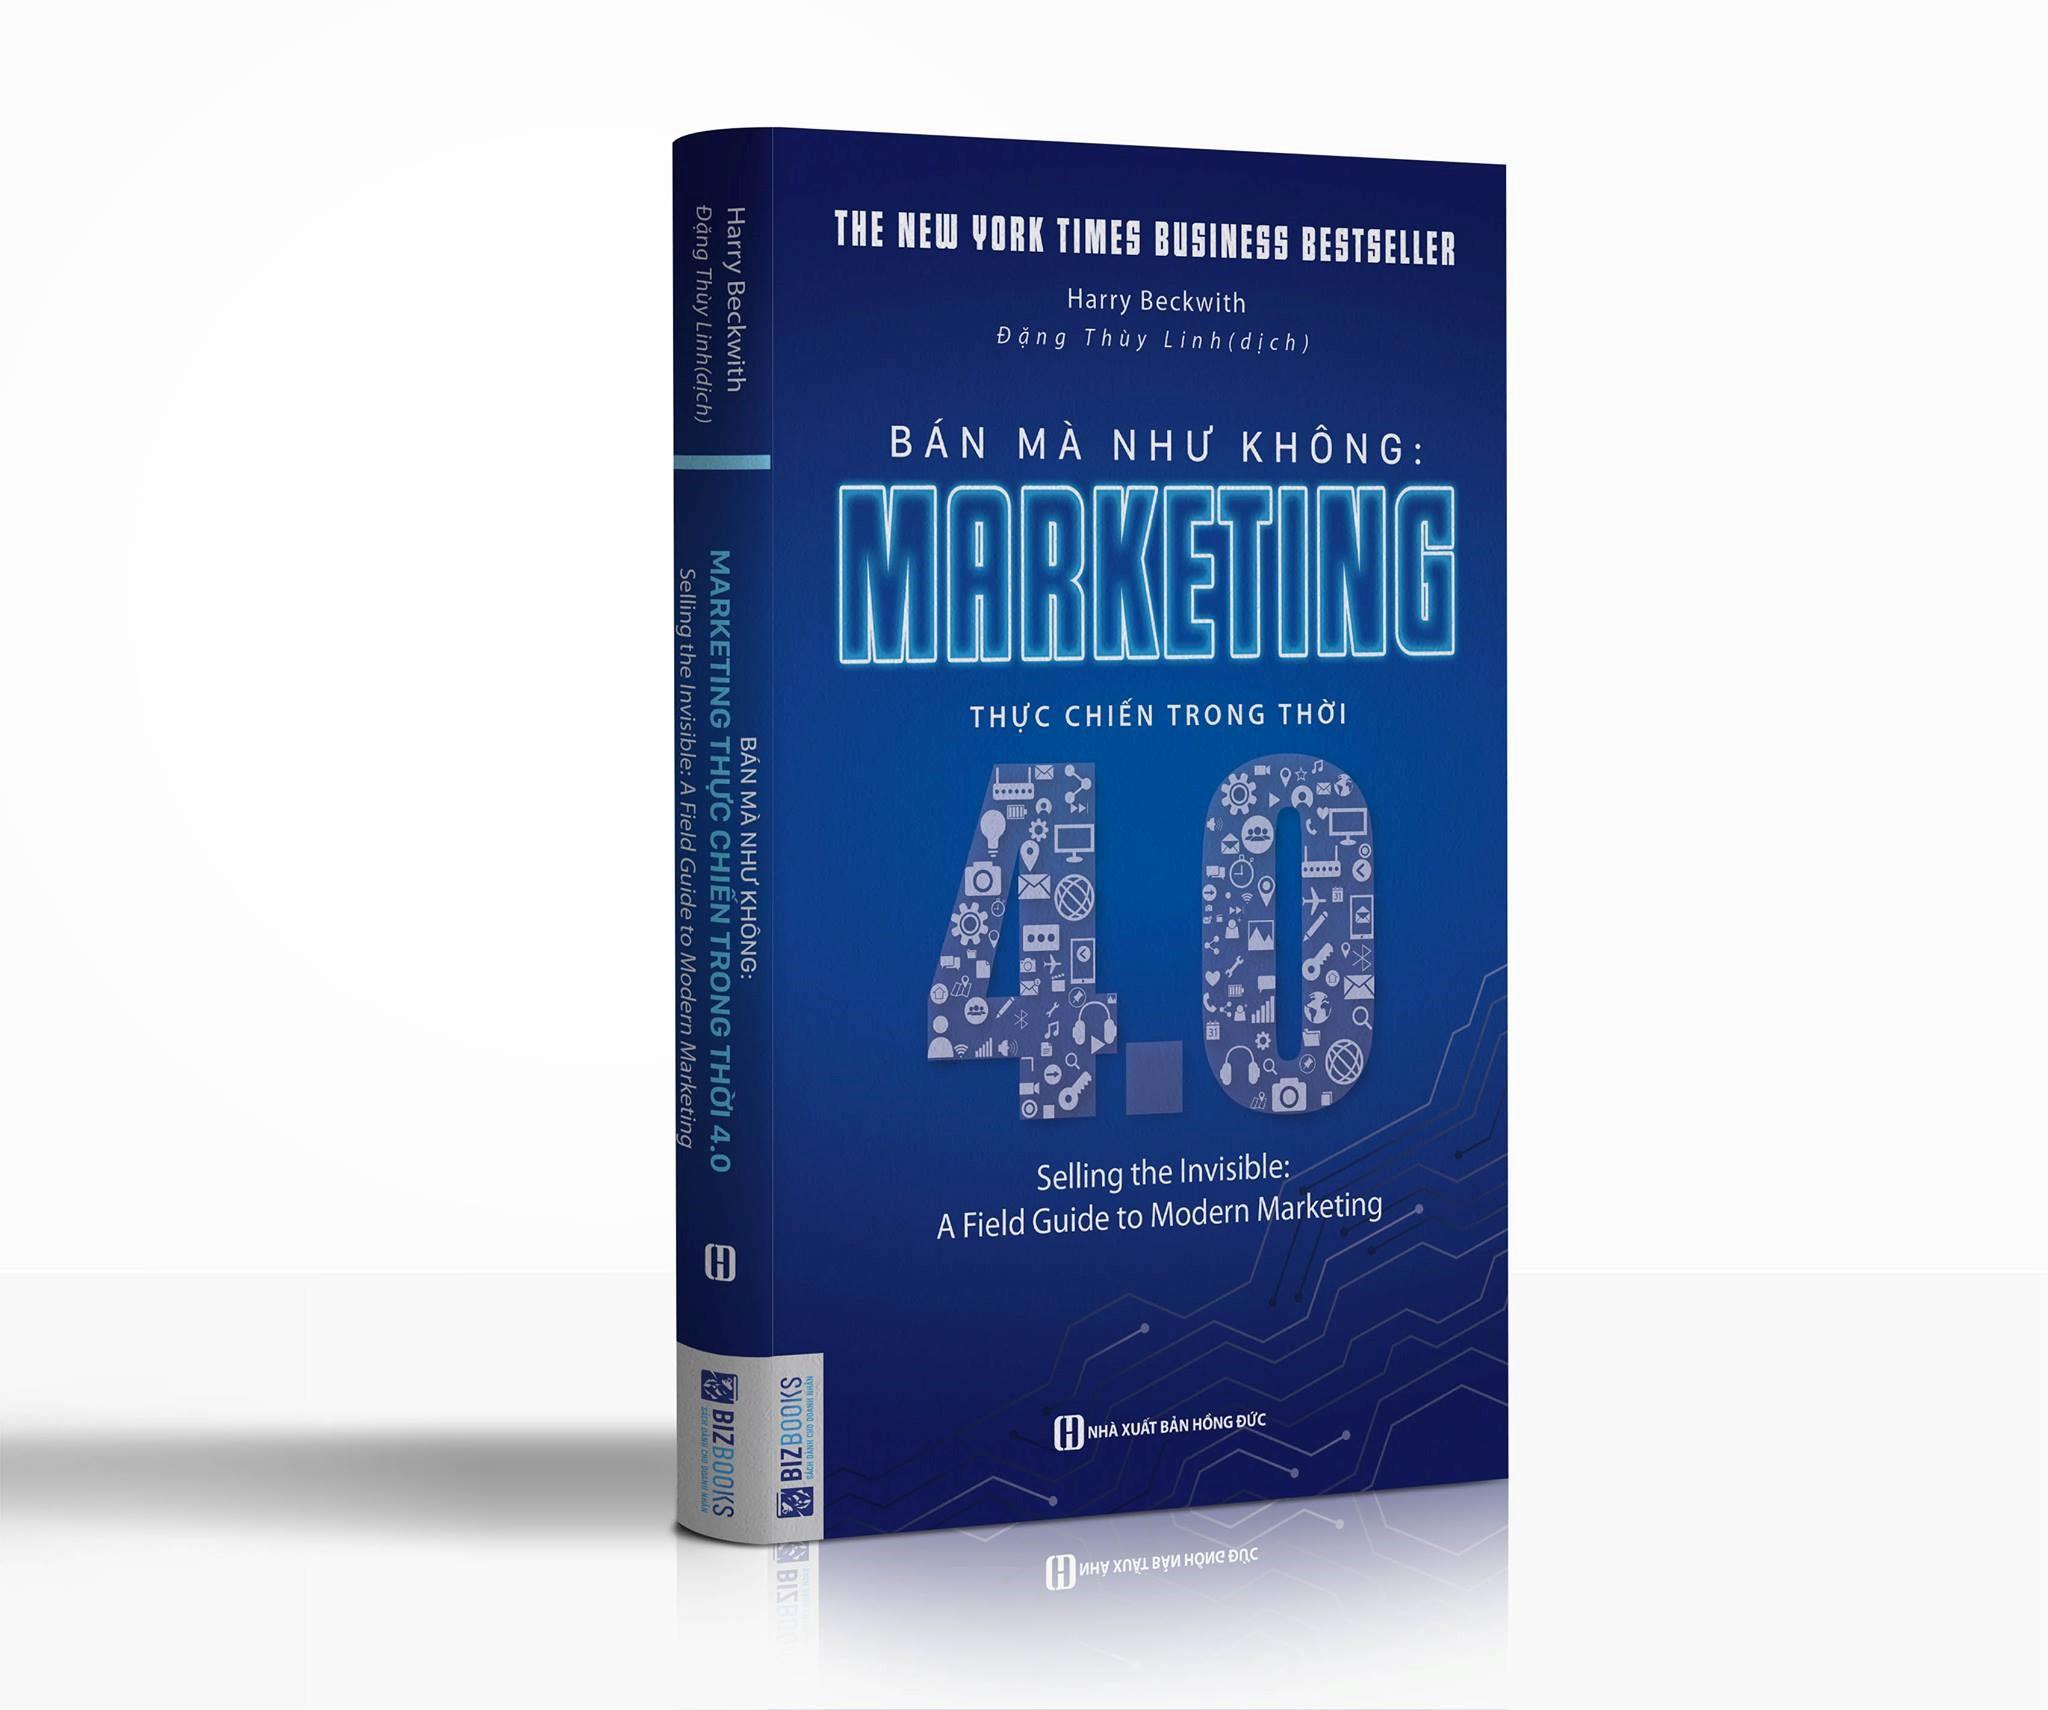 Combo Để Tạo Ra Lợi Nhuận Bằng Marketing Thực Chiến Trong Thời 4.0